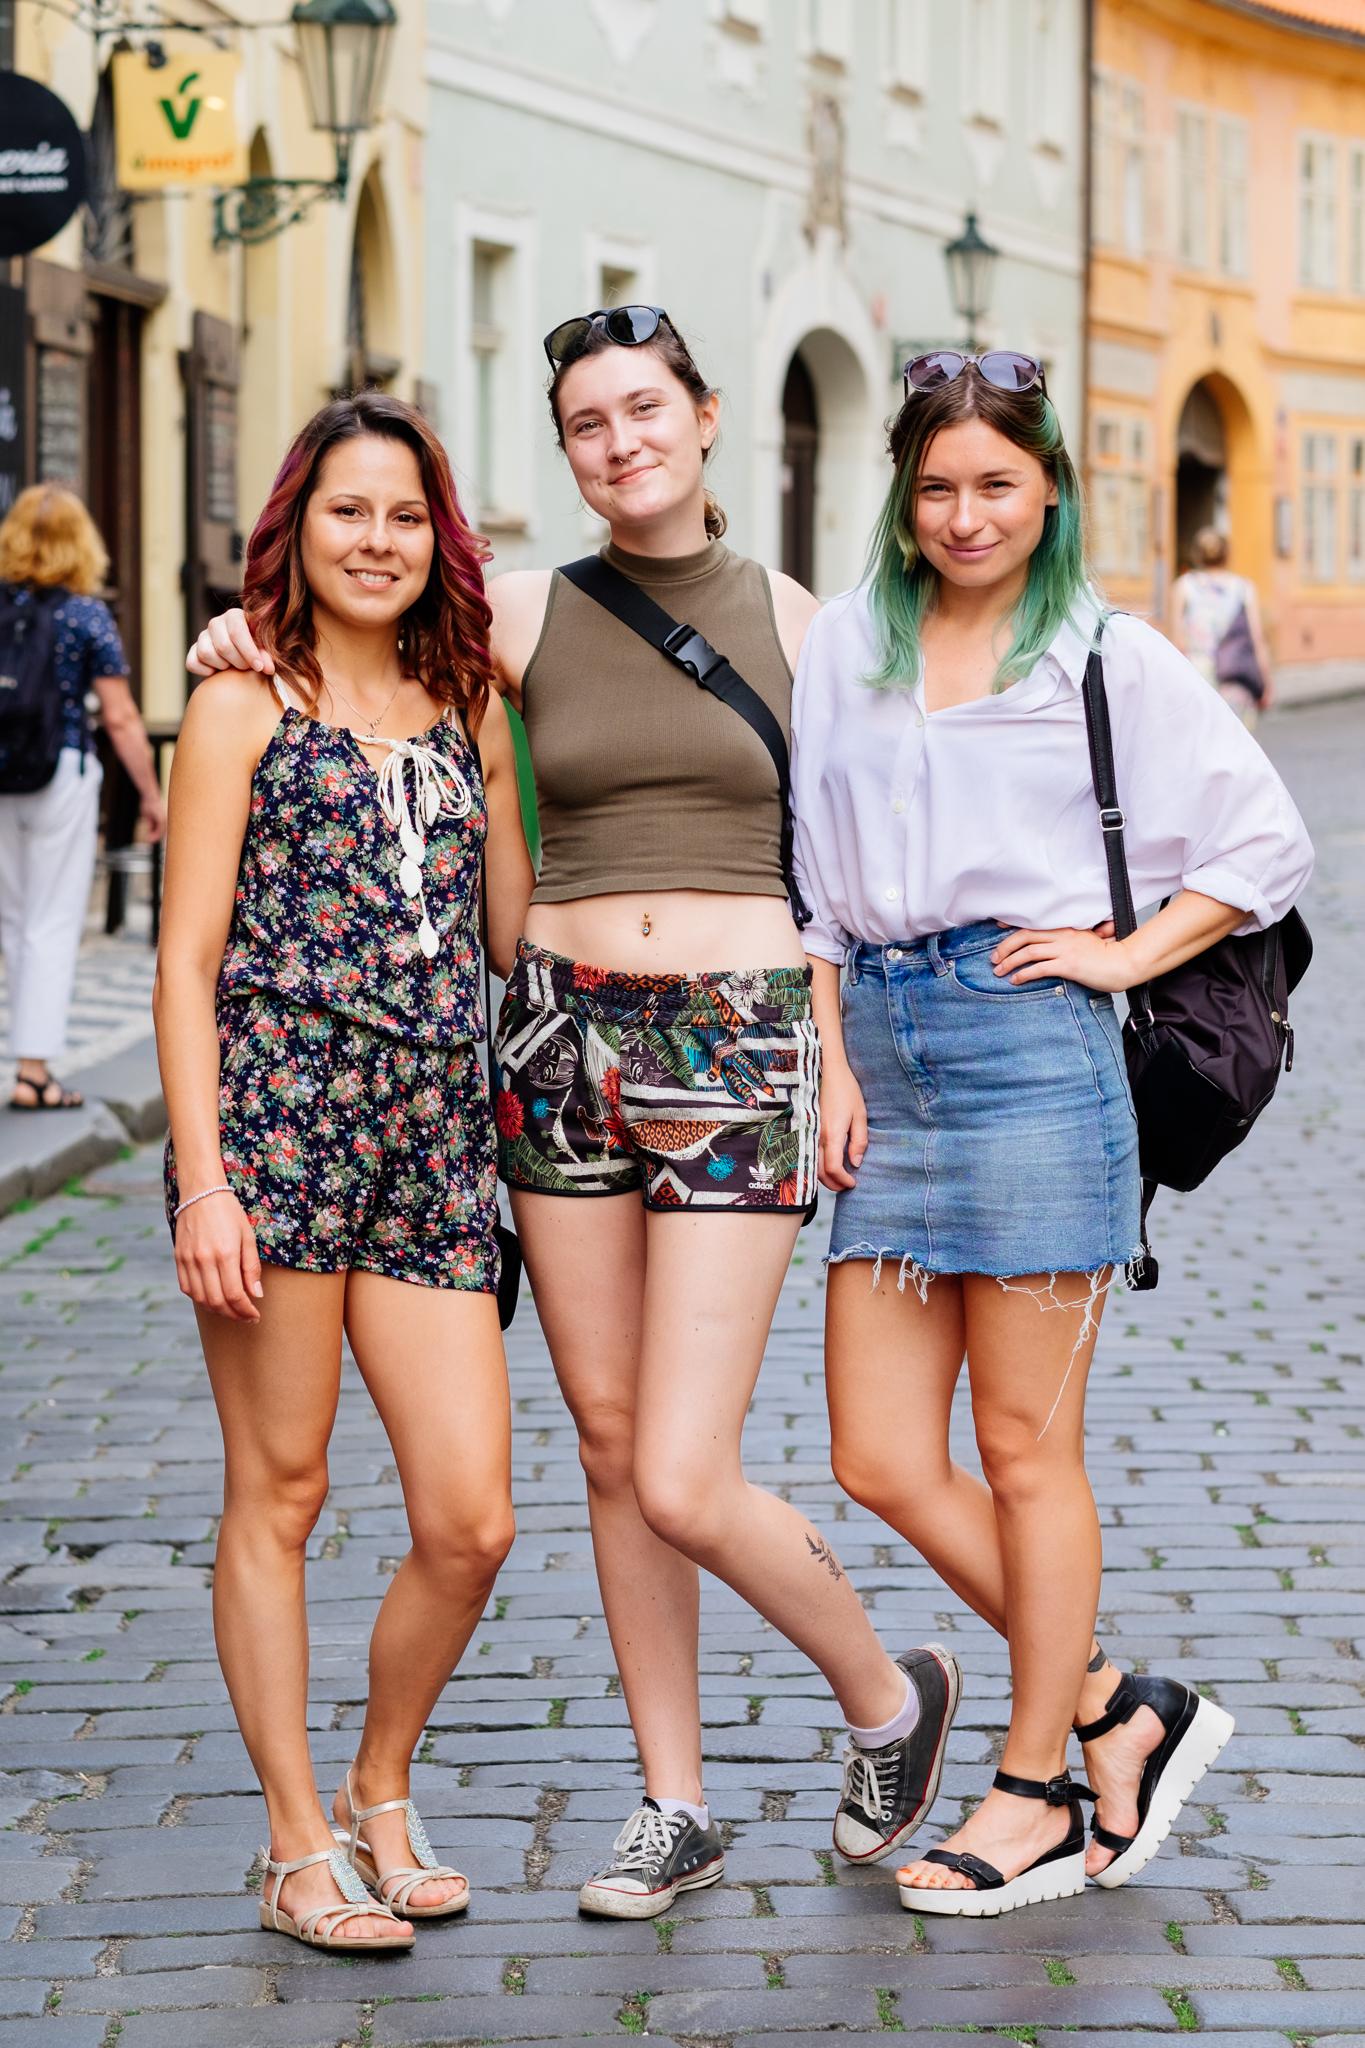 Charles Bridge Prague Streets Friends Portrait